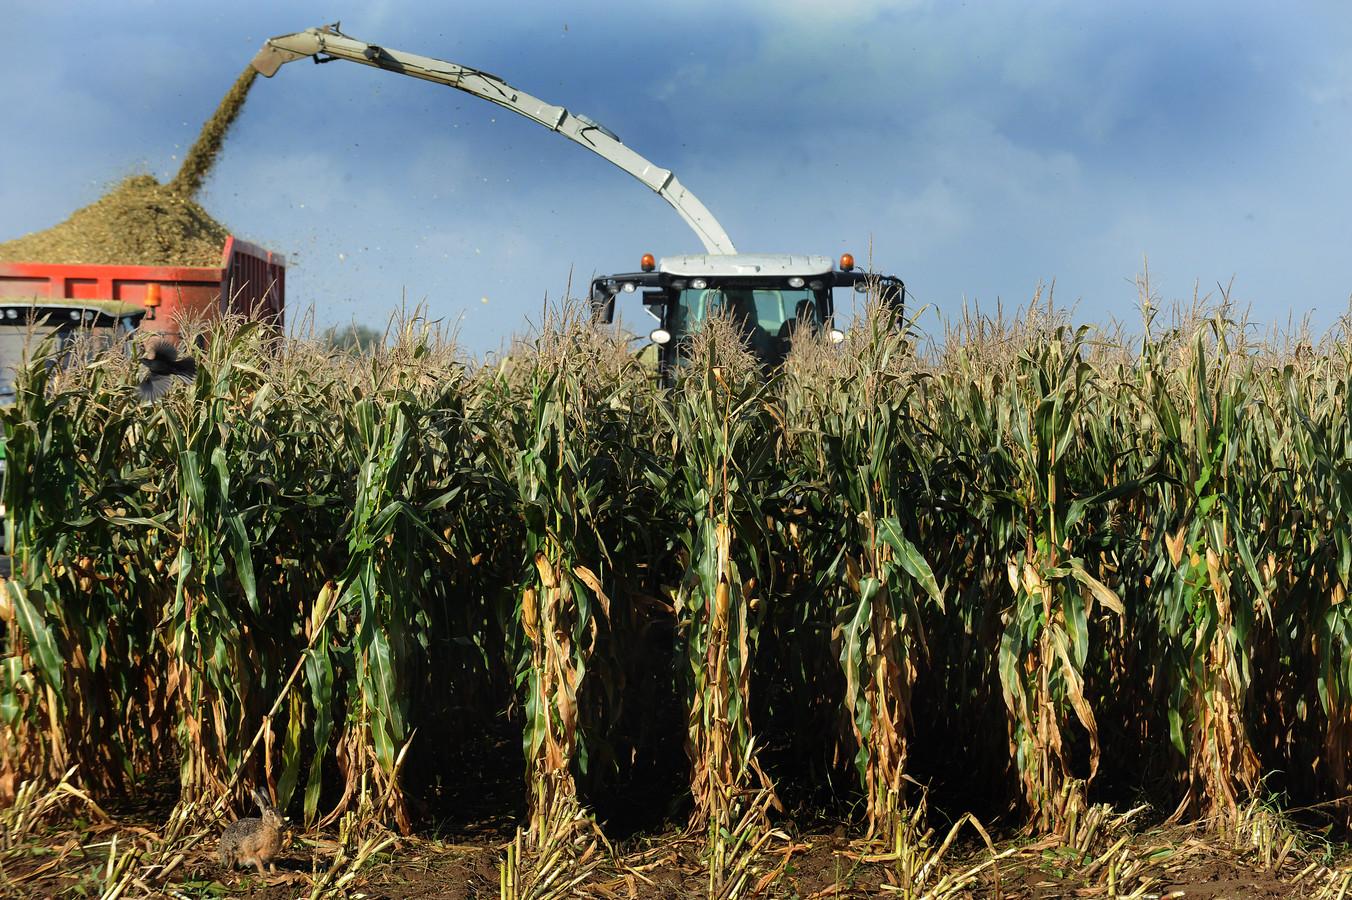 Ook de maisoogst maakt onderdeel uit van alle activiteiten in AgriFood Capital, de organisatie die moet zorgen voor het stimuleren van alle economische activiteiten die samenhangen met de productie van voedsel en andere agrarische producten.